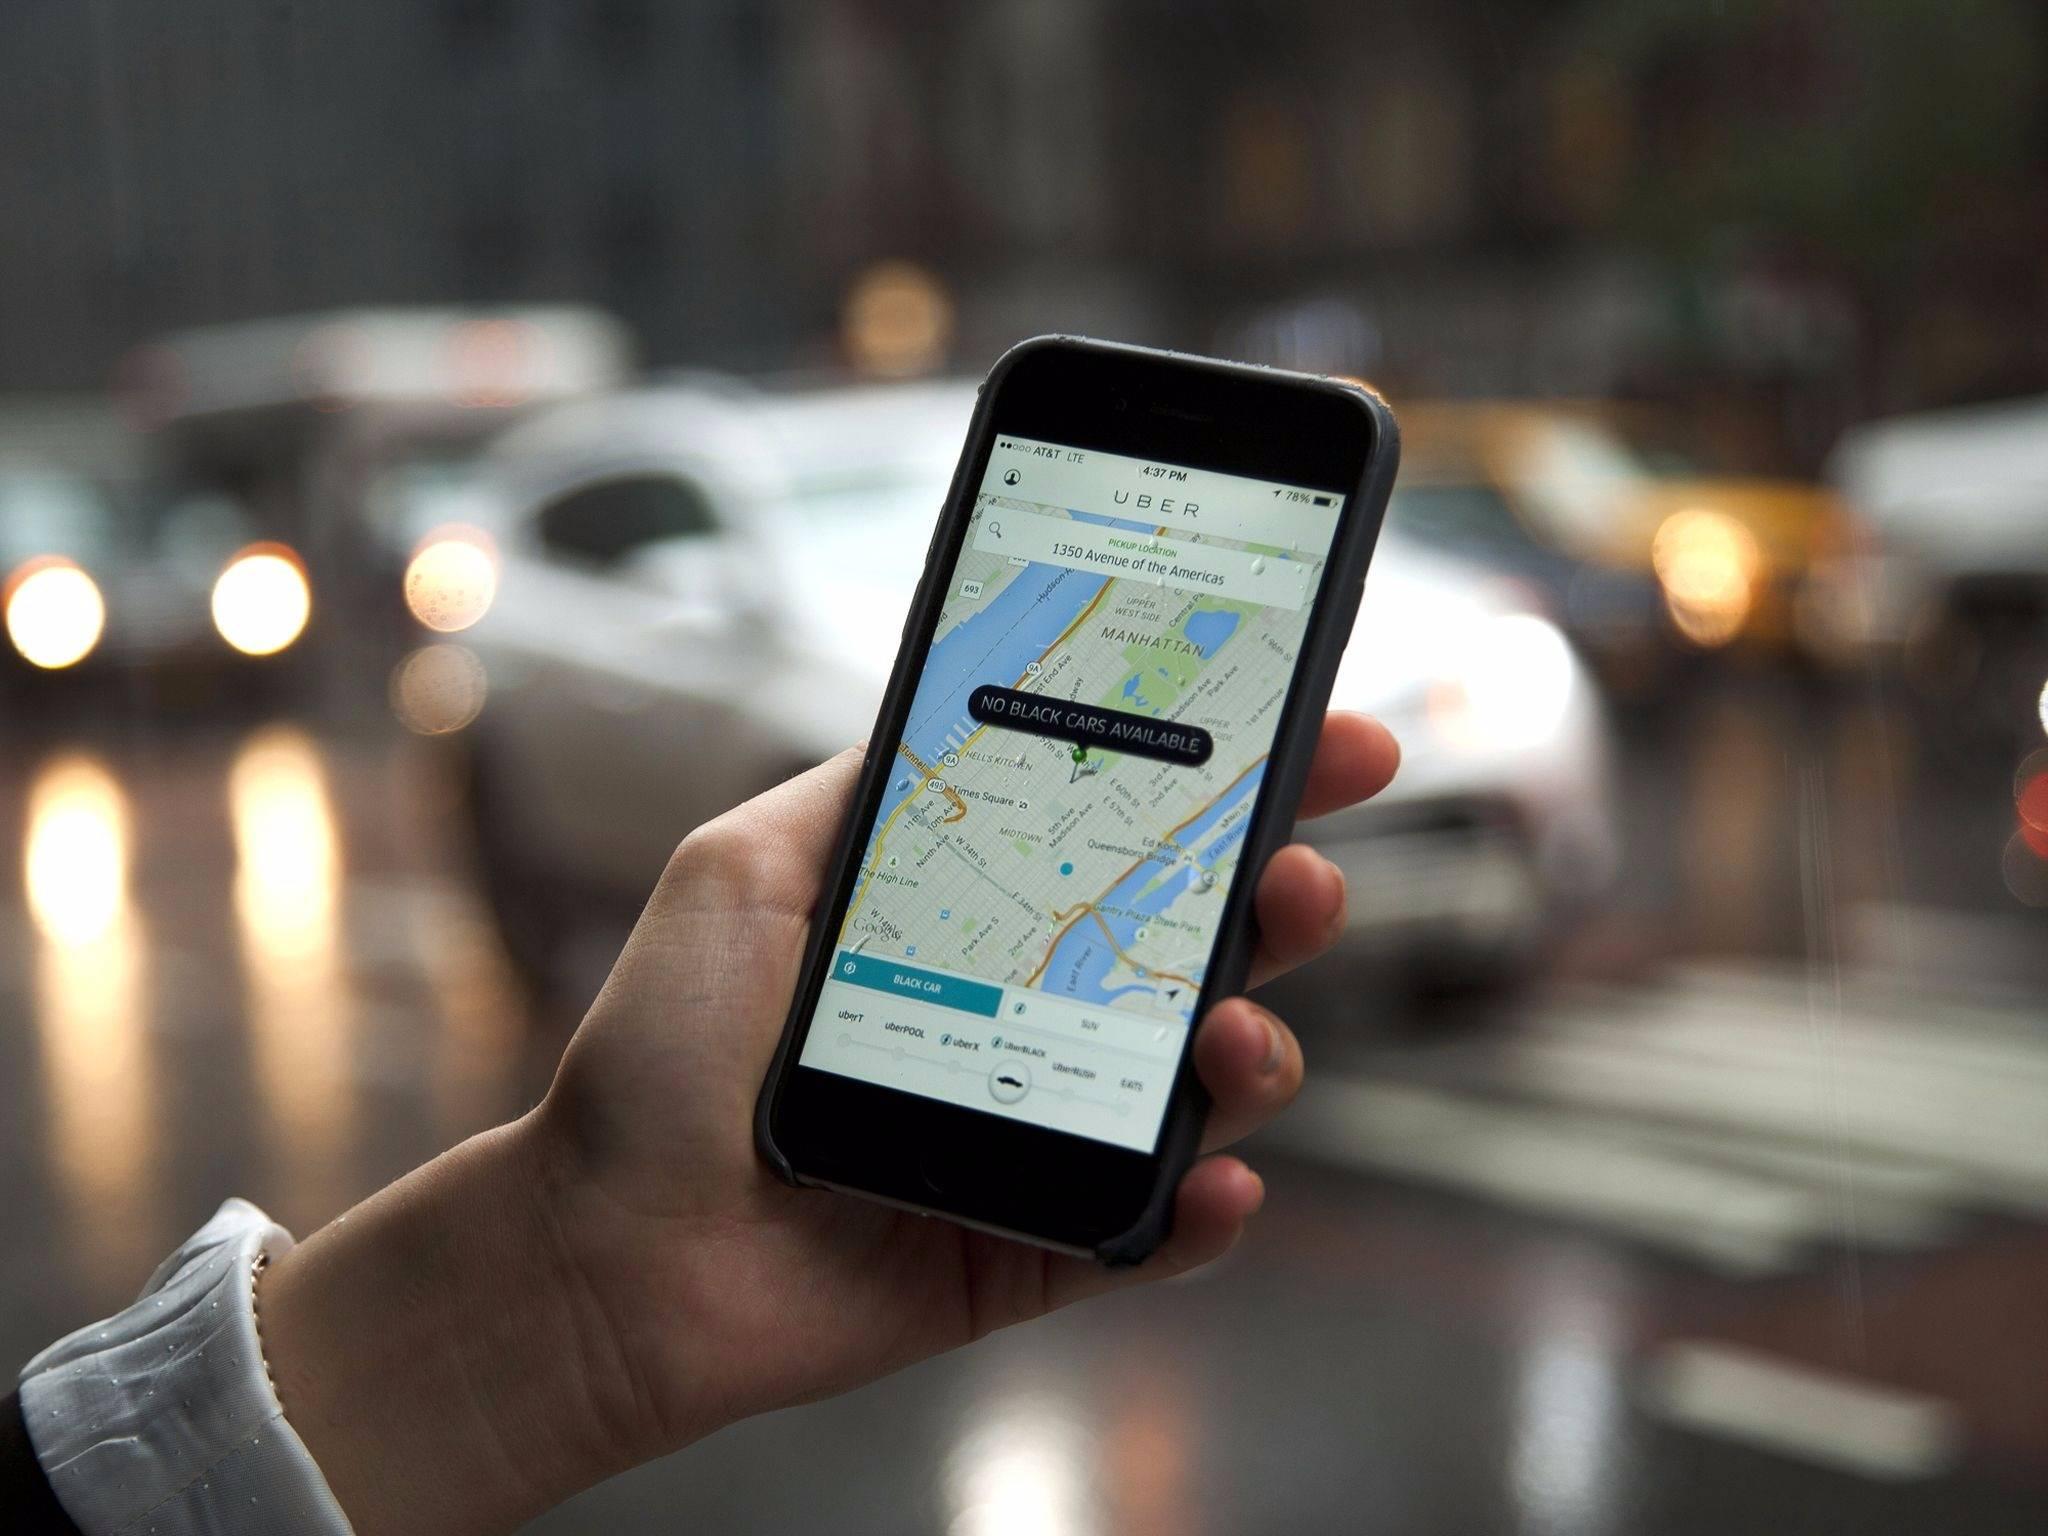 【早报】旧版Uber昨日全面停止服务,新版App获微信解禁